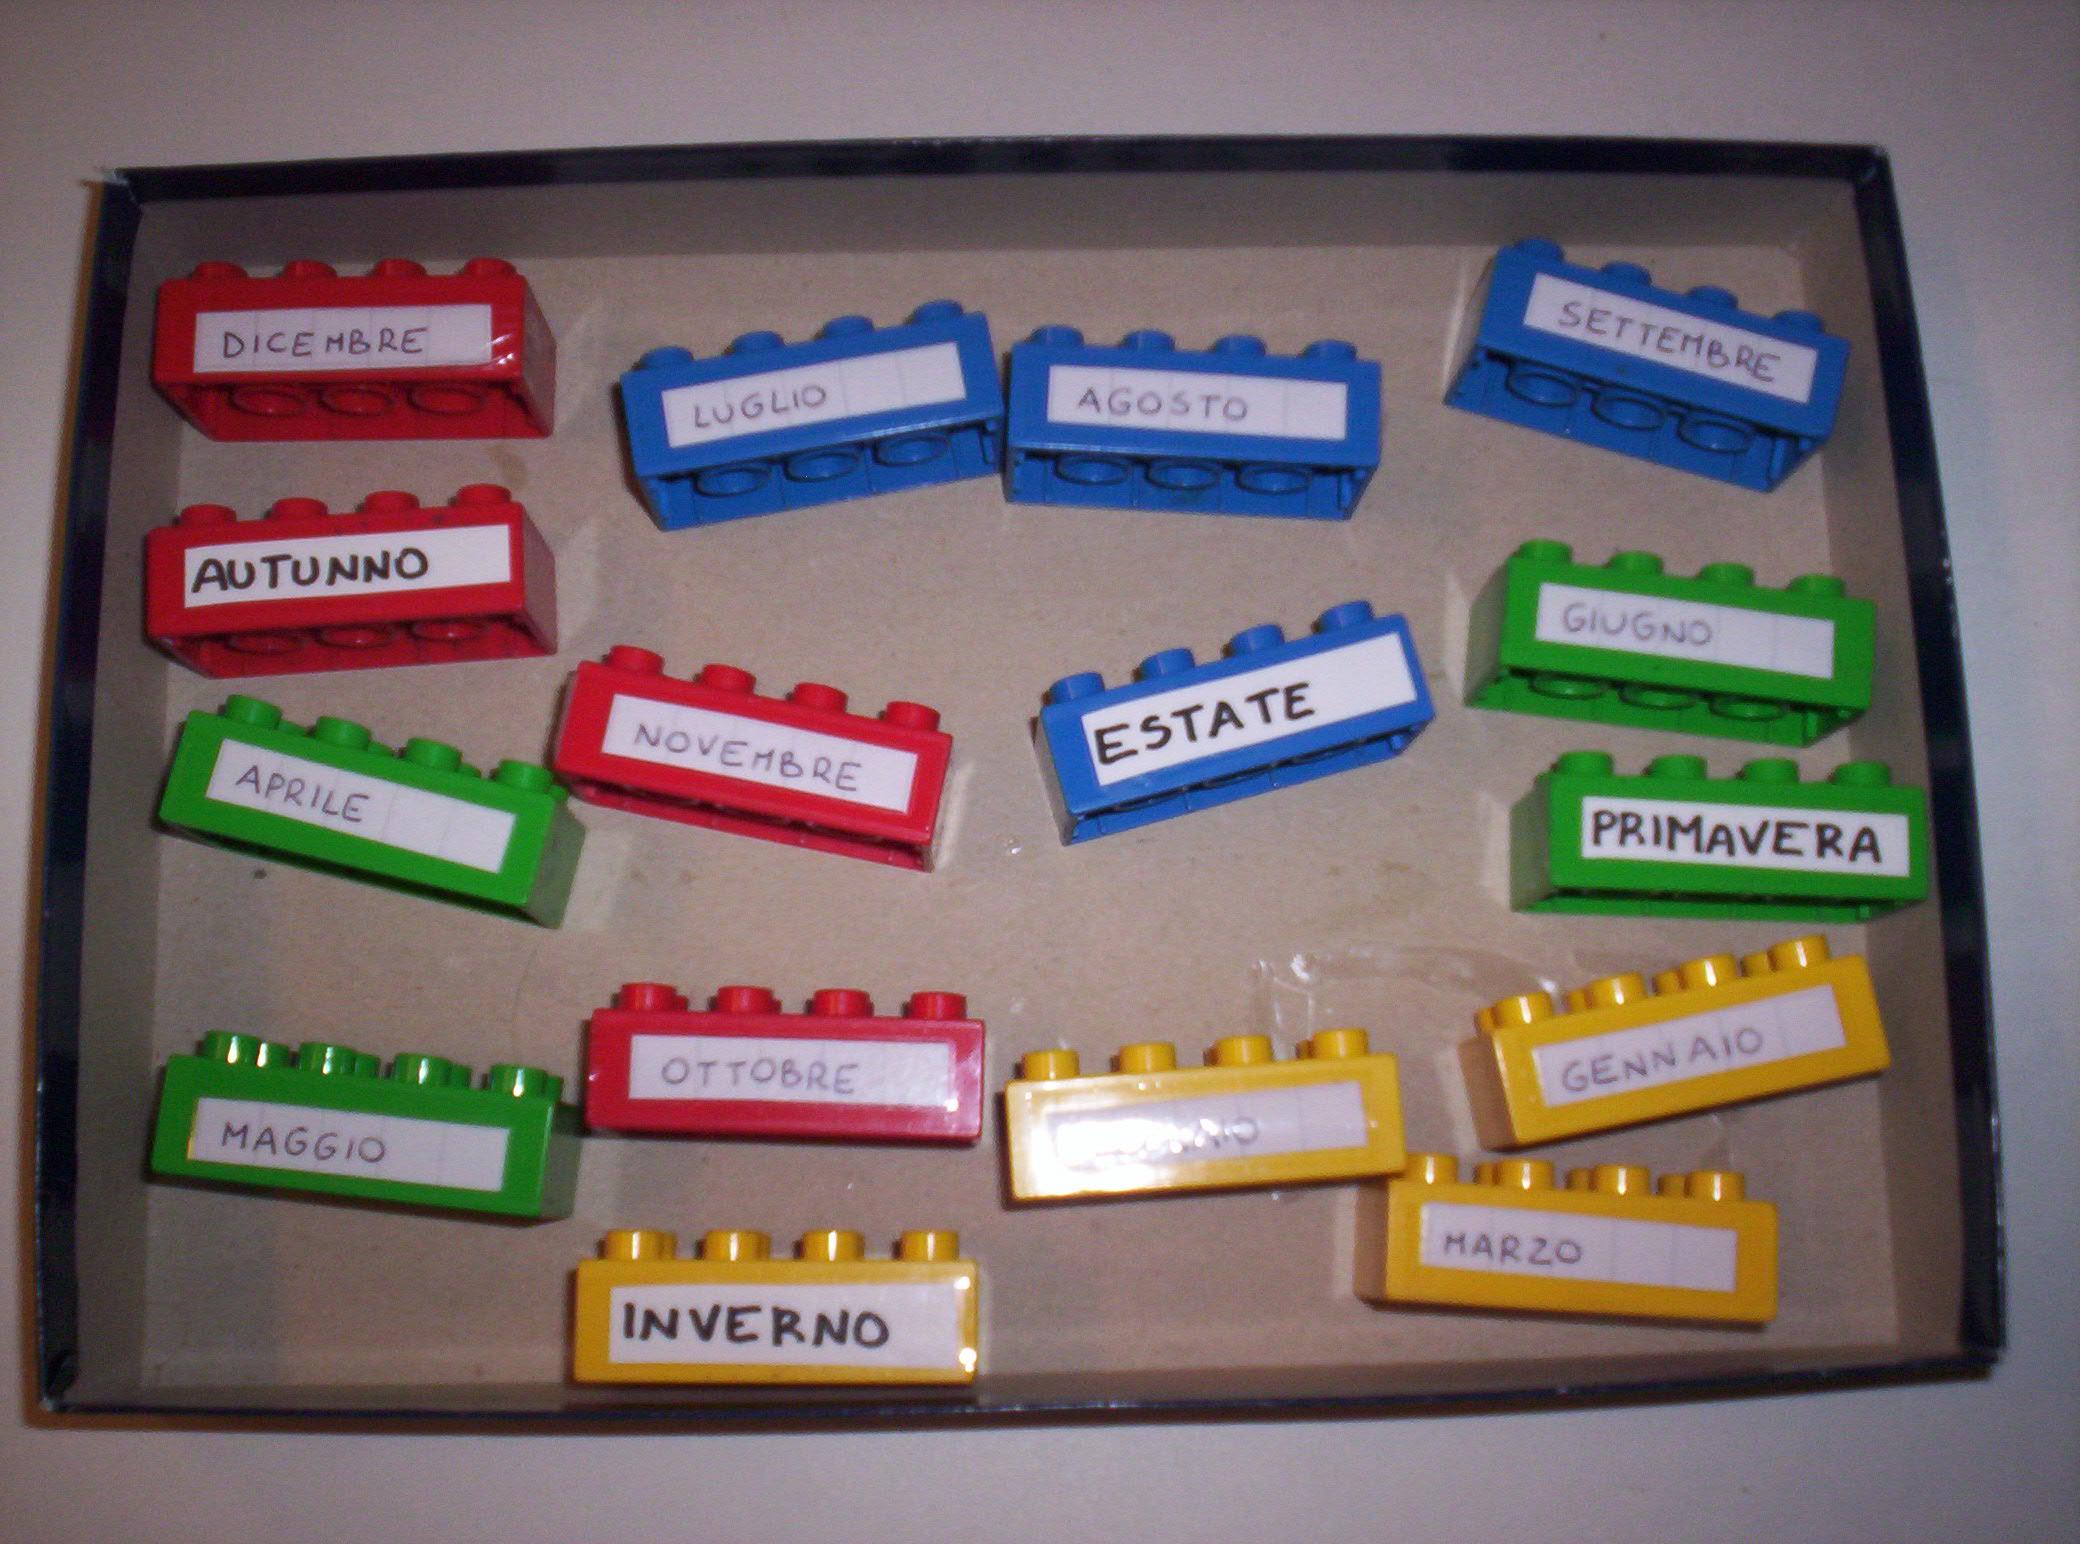 Una scatola contenete pezzi Lego colorati con scritti i nomi dei mesi e delle stagioni.